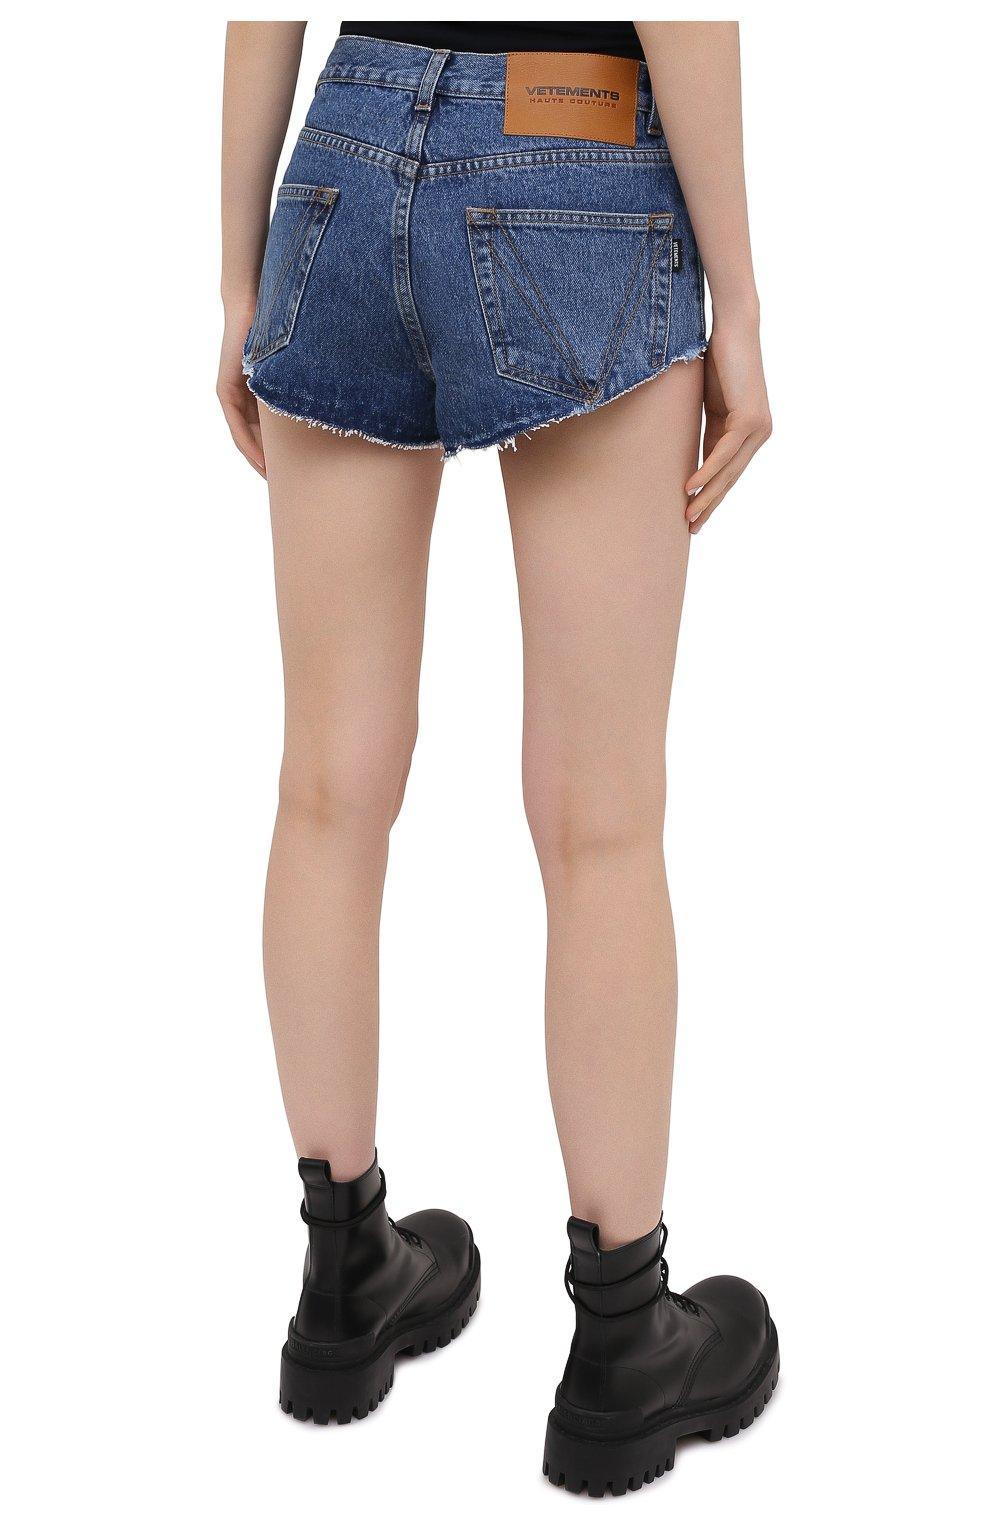 Женские джинсовые шорты VETEMENTS синего цвета, арт. WE51PA310B 2803/BLUE | Фото 4 (Женское Кросс-КТ: Шорты-одежда; Кросс-КТ: Деним; Длина Ж (юбки, платья, шорты): Мини; Стили: Гранж; Материал внешний: Хлопок)